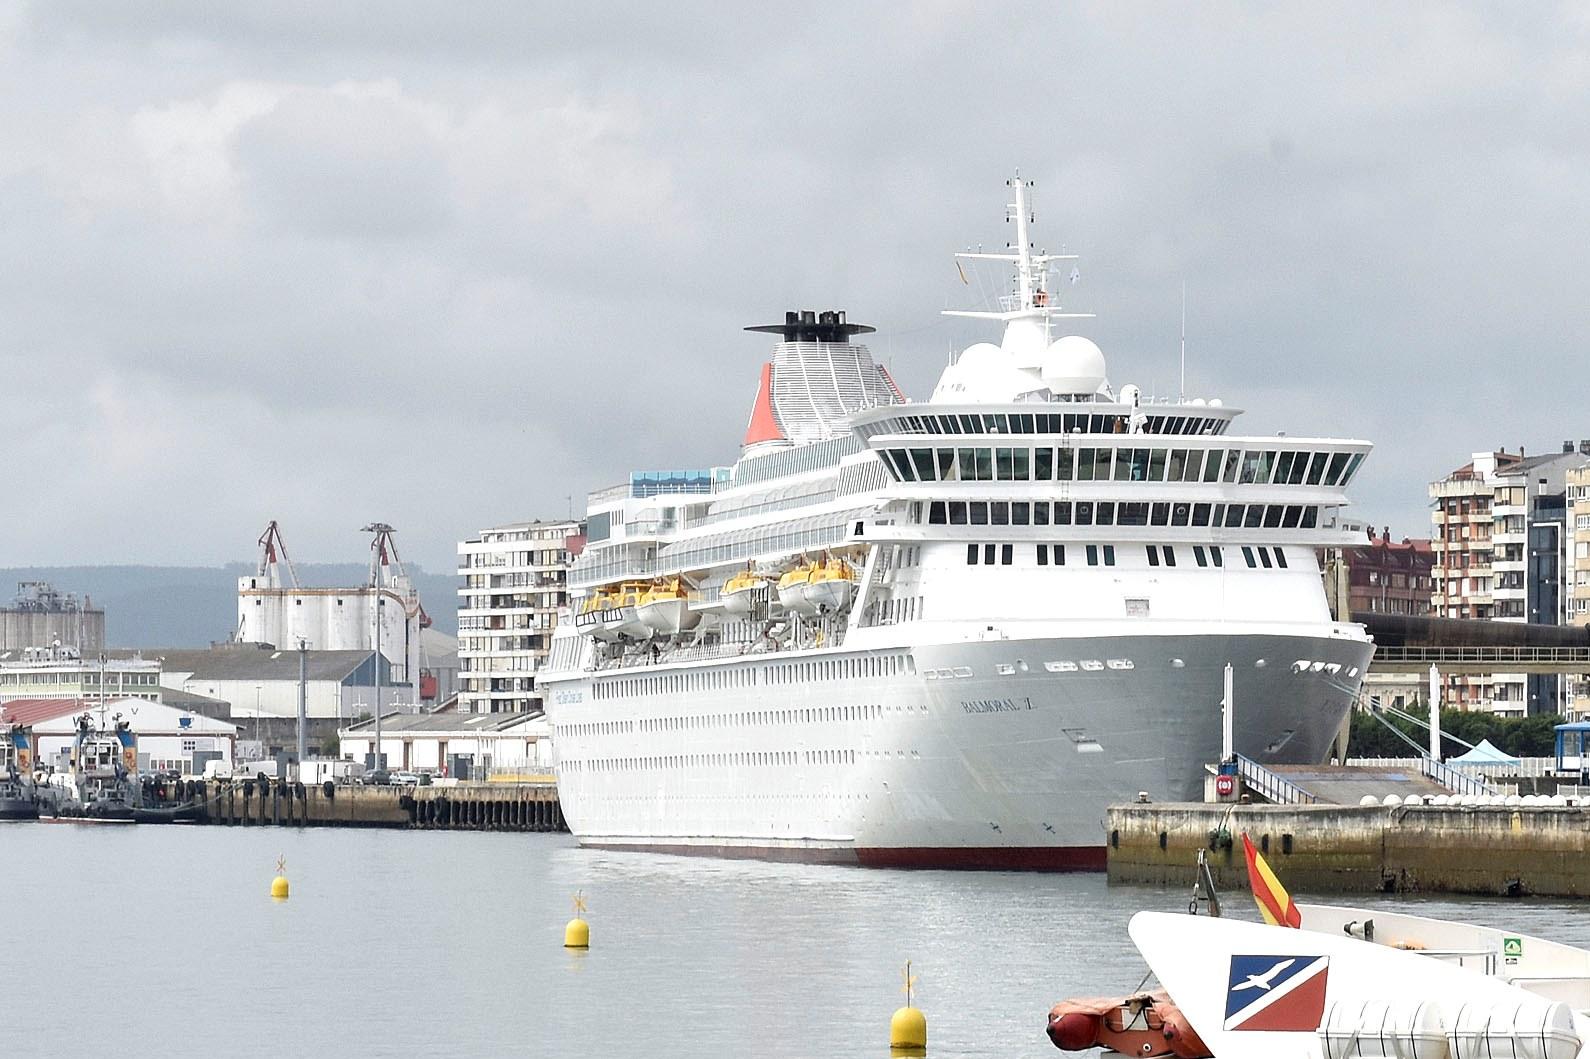 El crucero balmoral llega el jueves a santander con m s de for Oficinas fred olsen